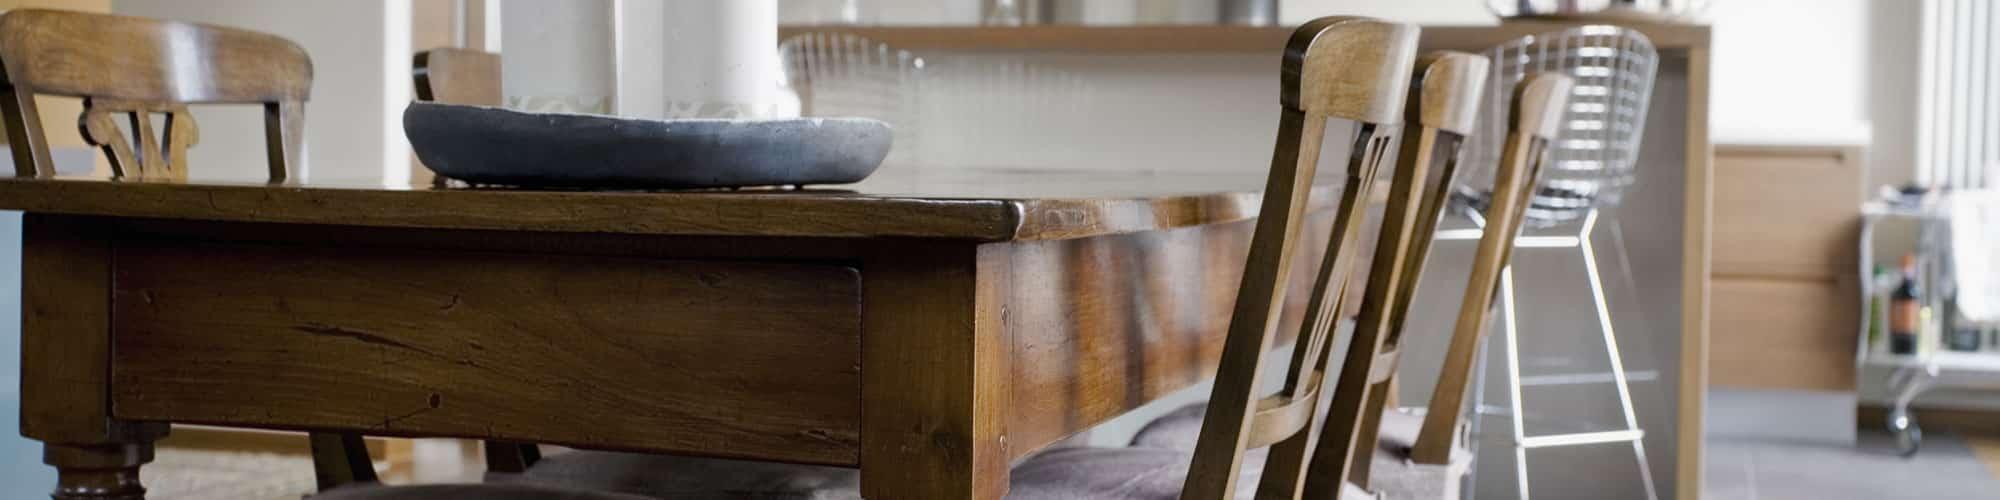 exporter meubles de chine vers france